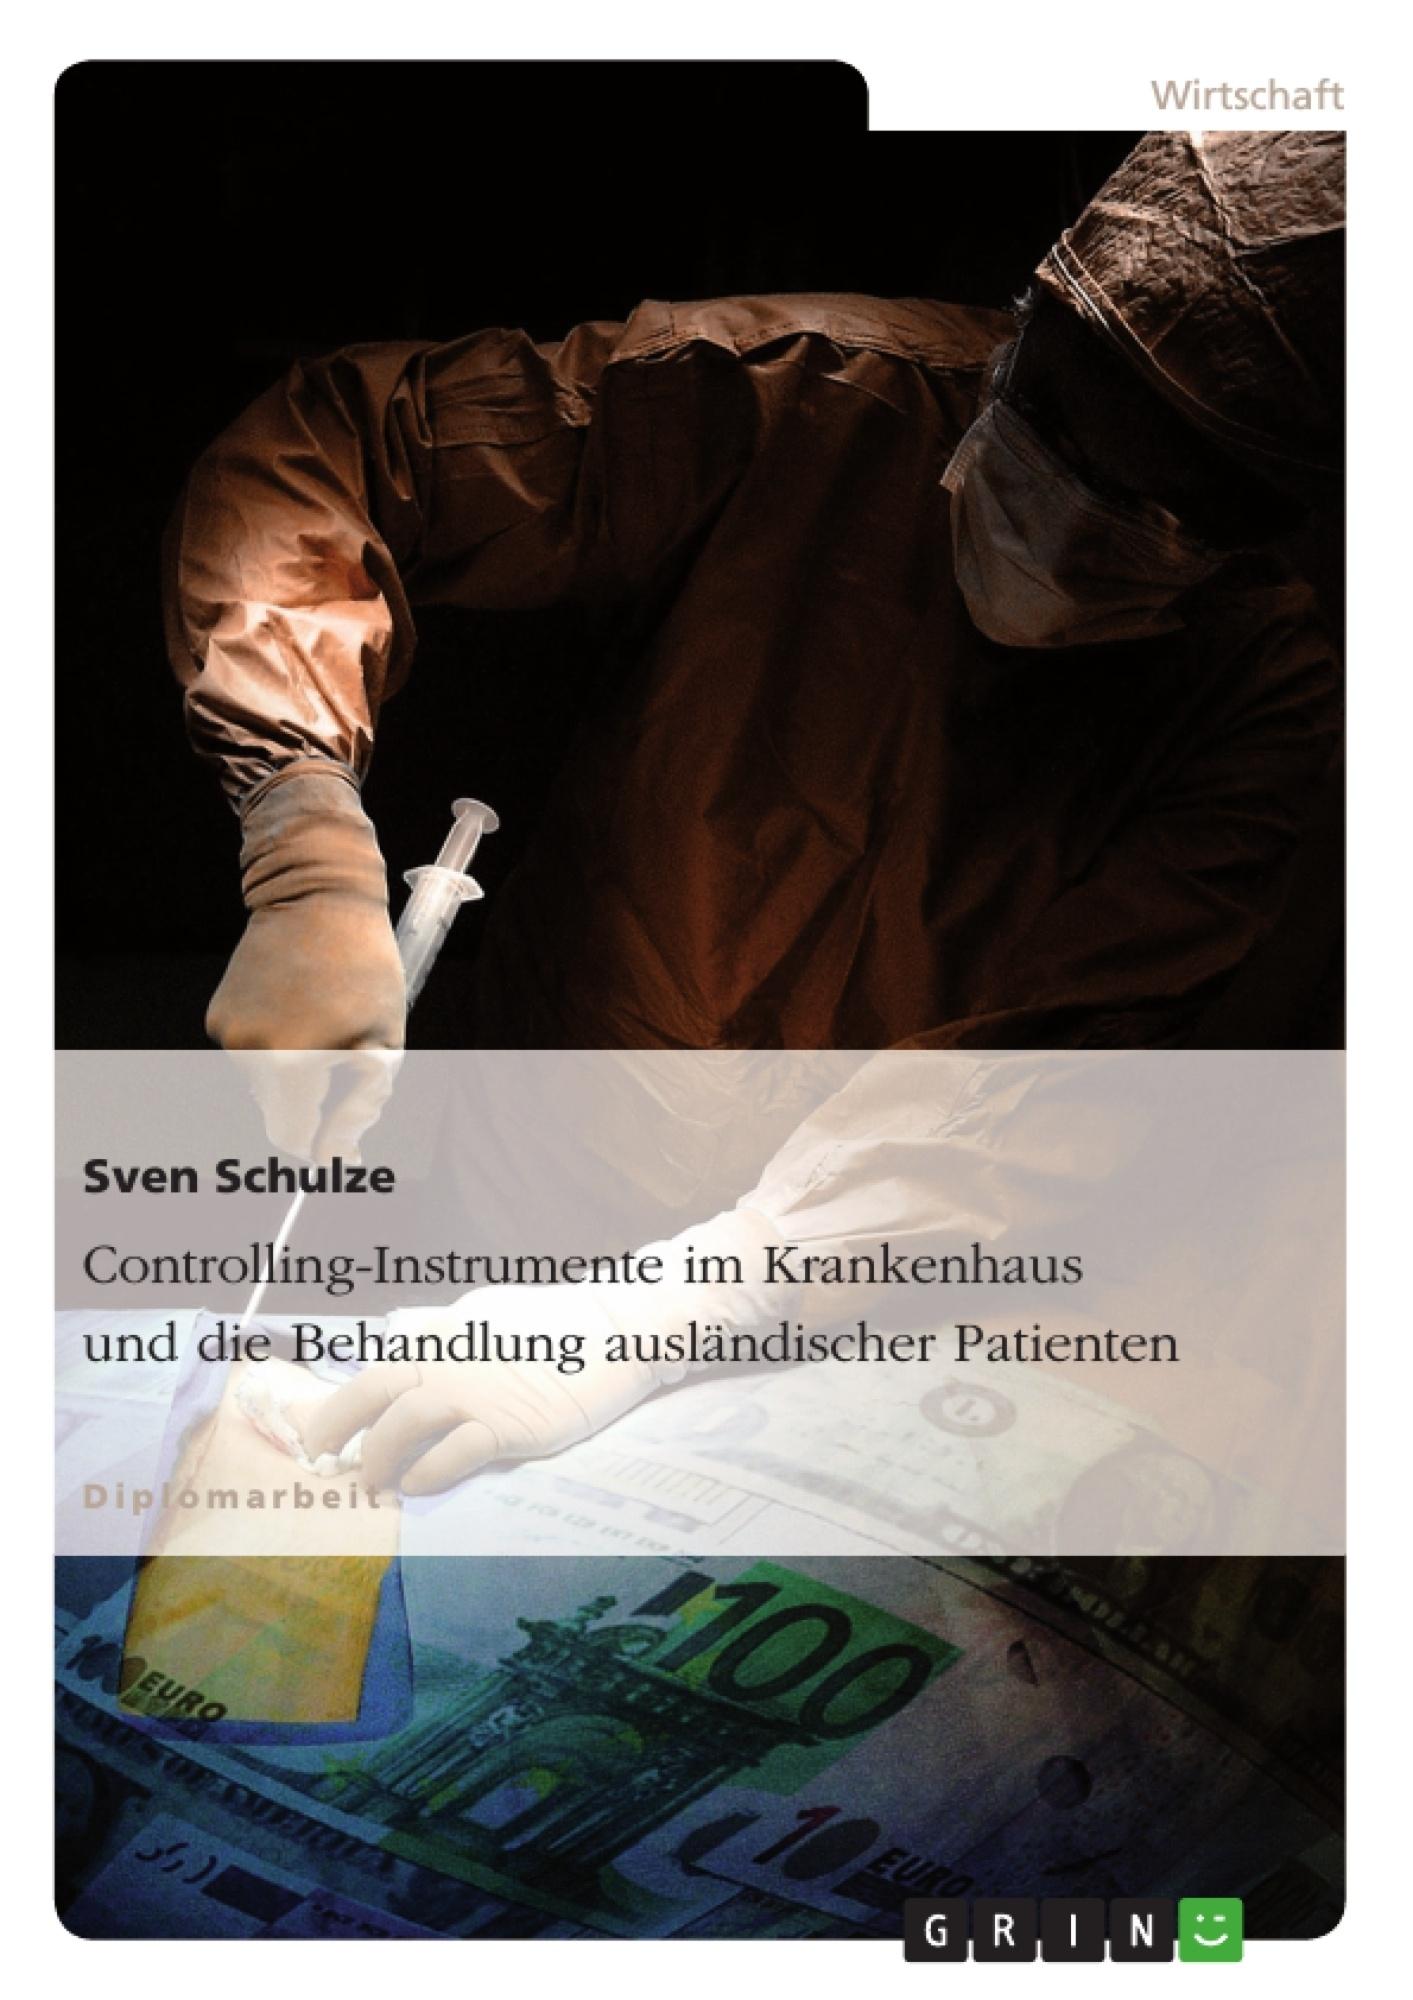 Titel: Controlling-Instrumente im Krankenhaus und die Behandlung ausländischer Patienten